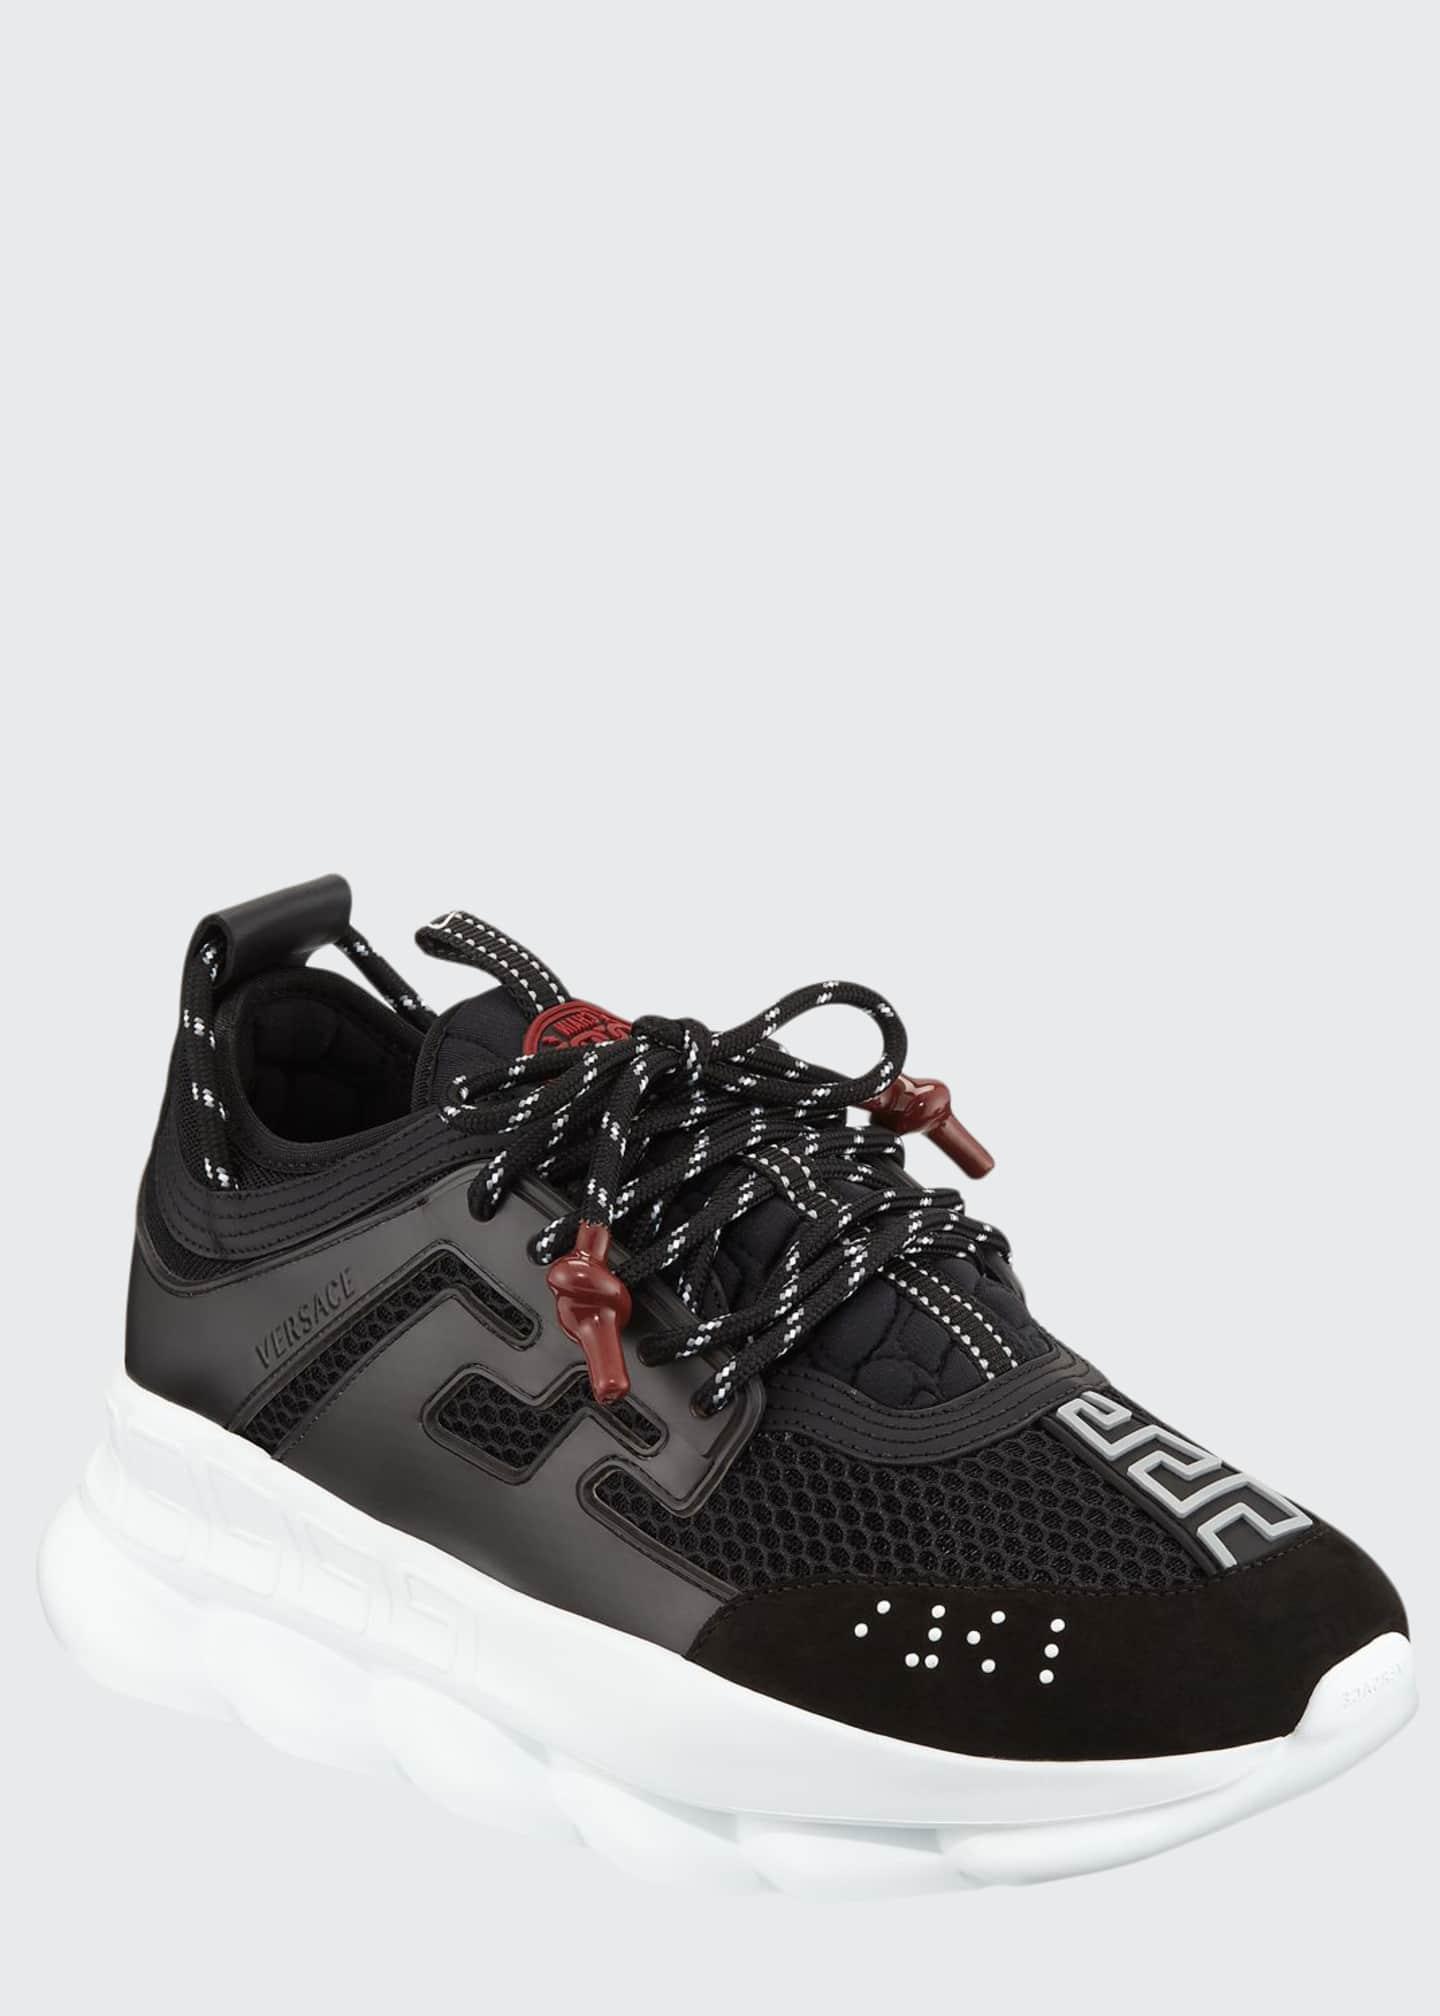 Versace Men's Chain Reaction Sneakers, Black